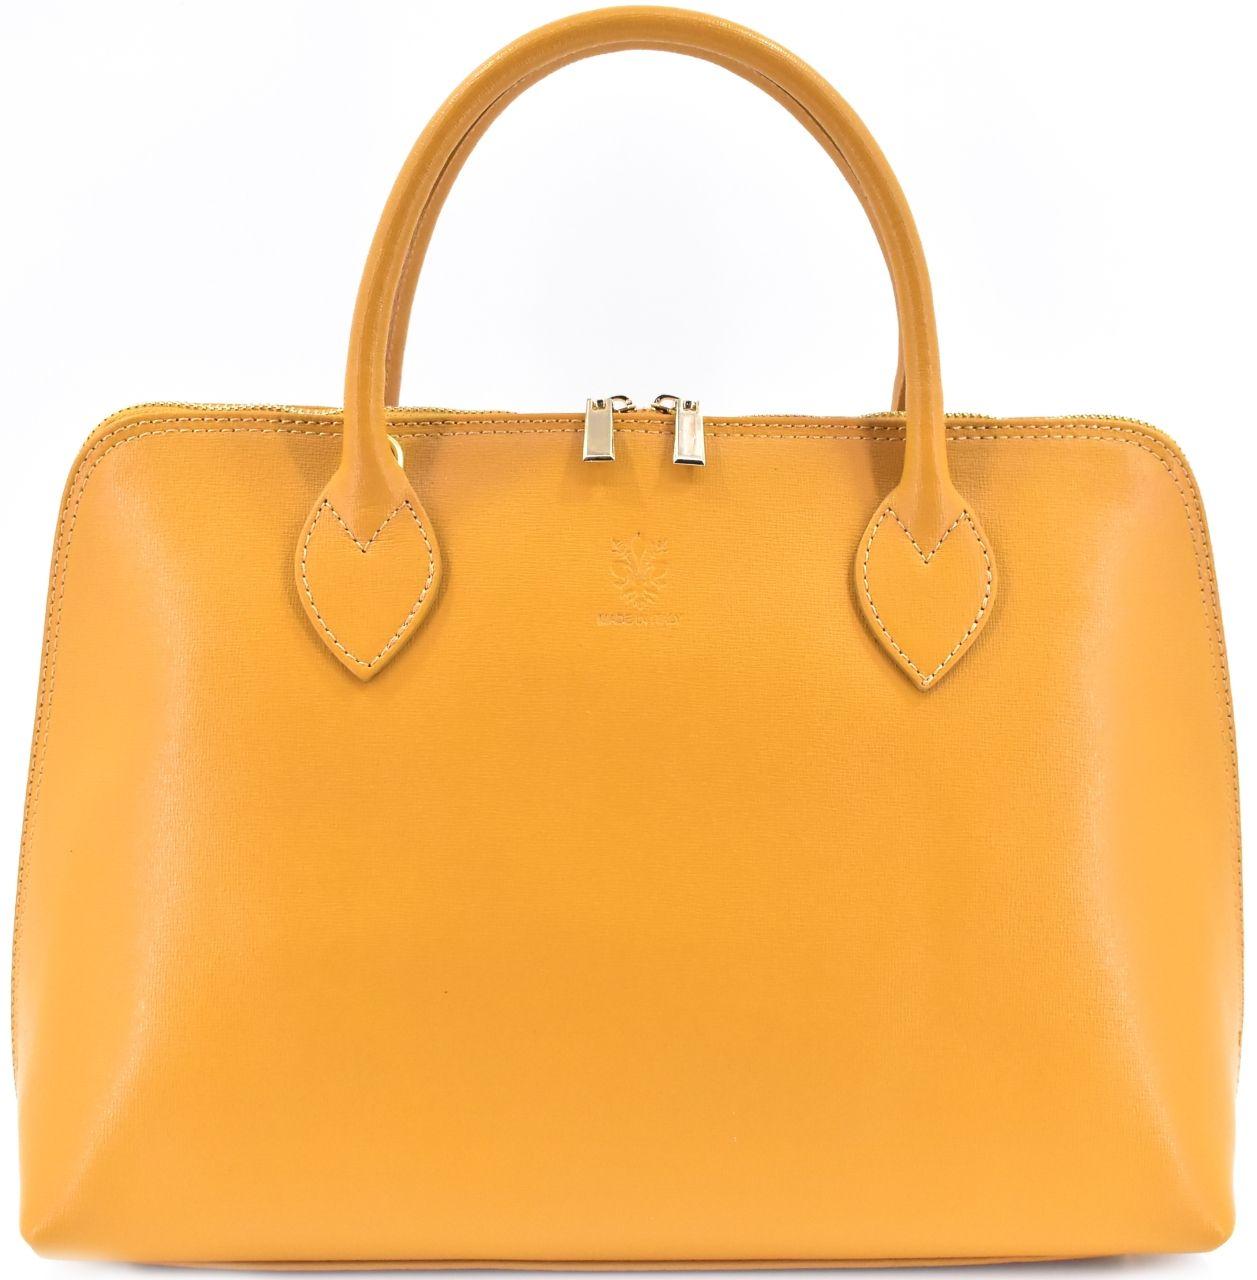 Dámská kožená kabelka Arteddy - hořčicová 32445